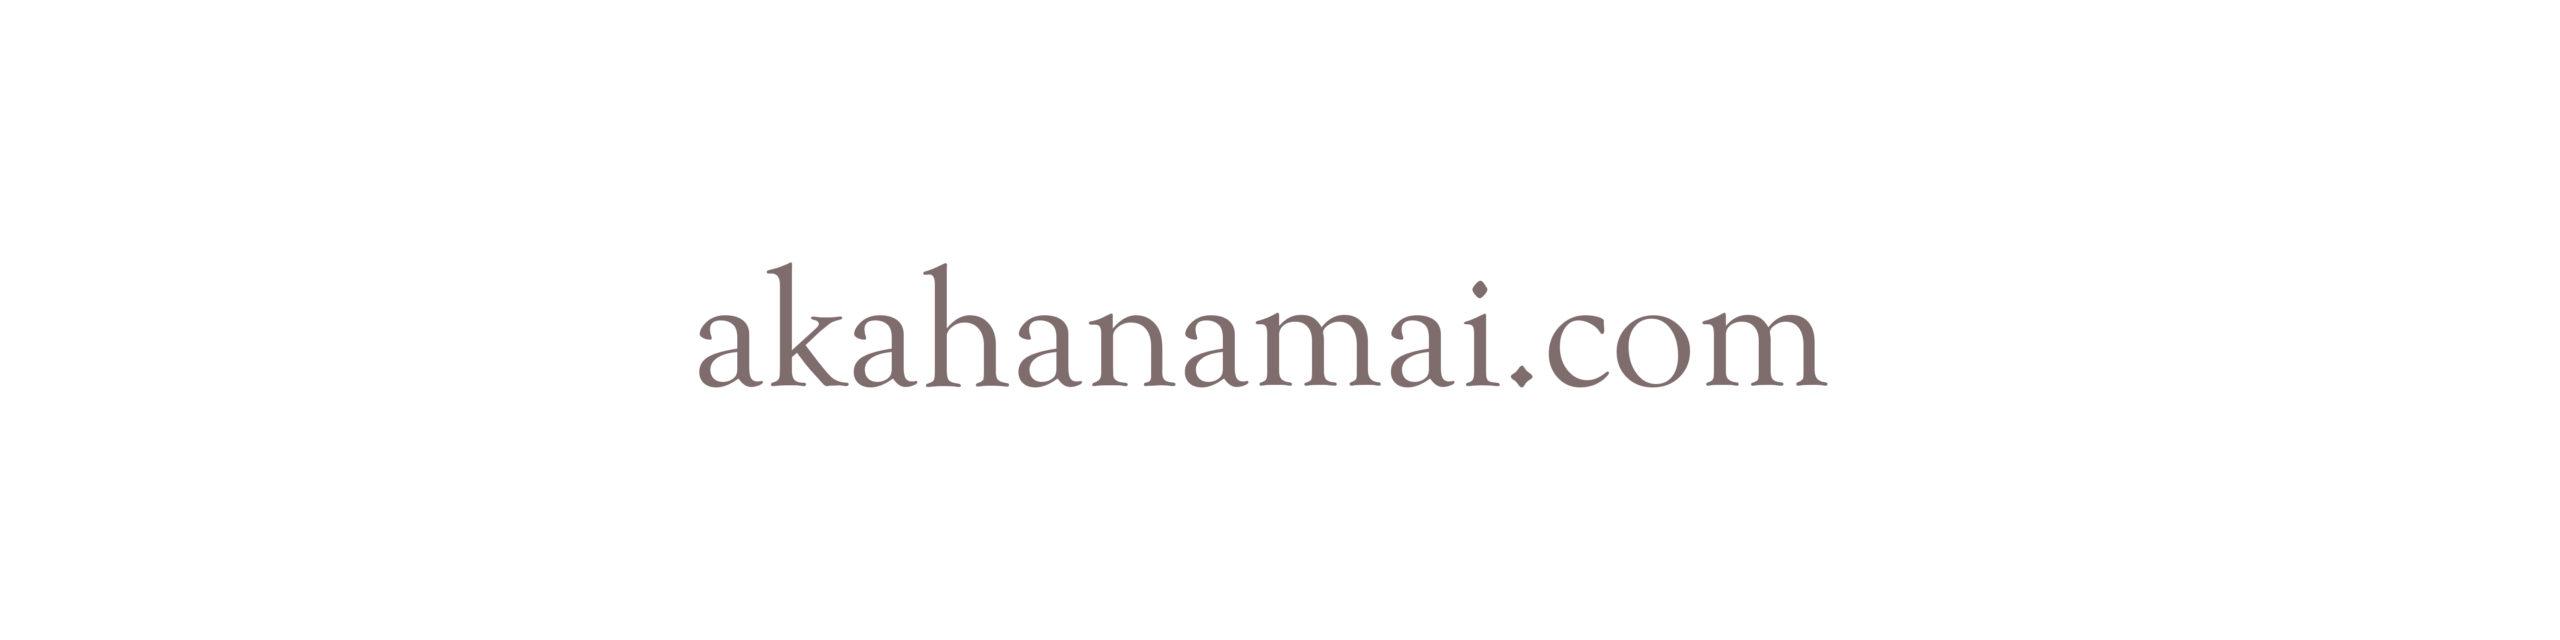 akahanamai.com